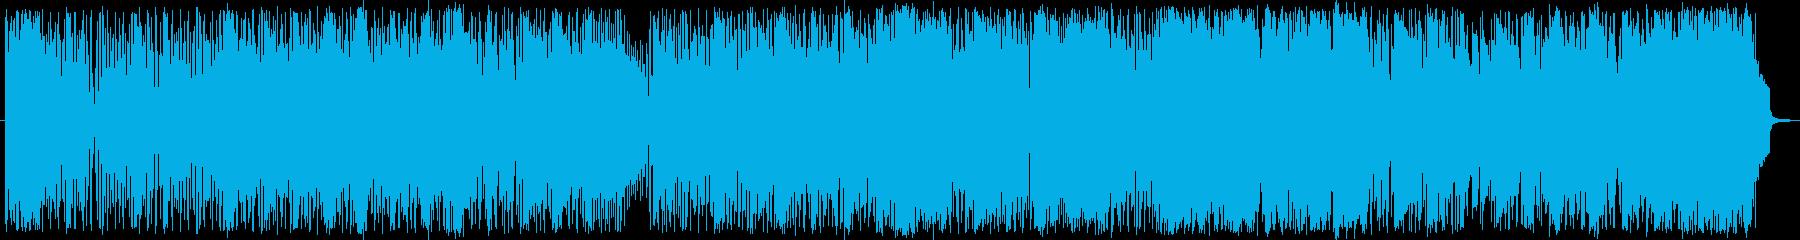 ファンクなスラップベースのフュージョン曲の再生済みの波形